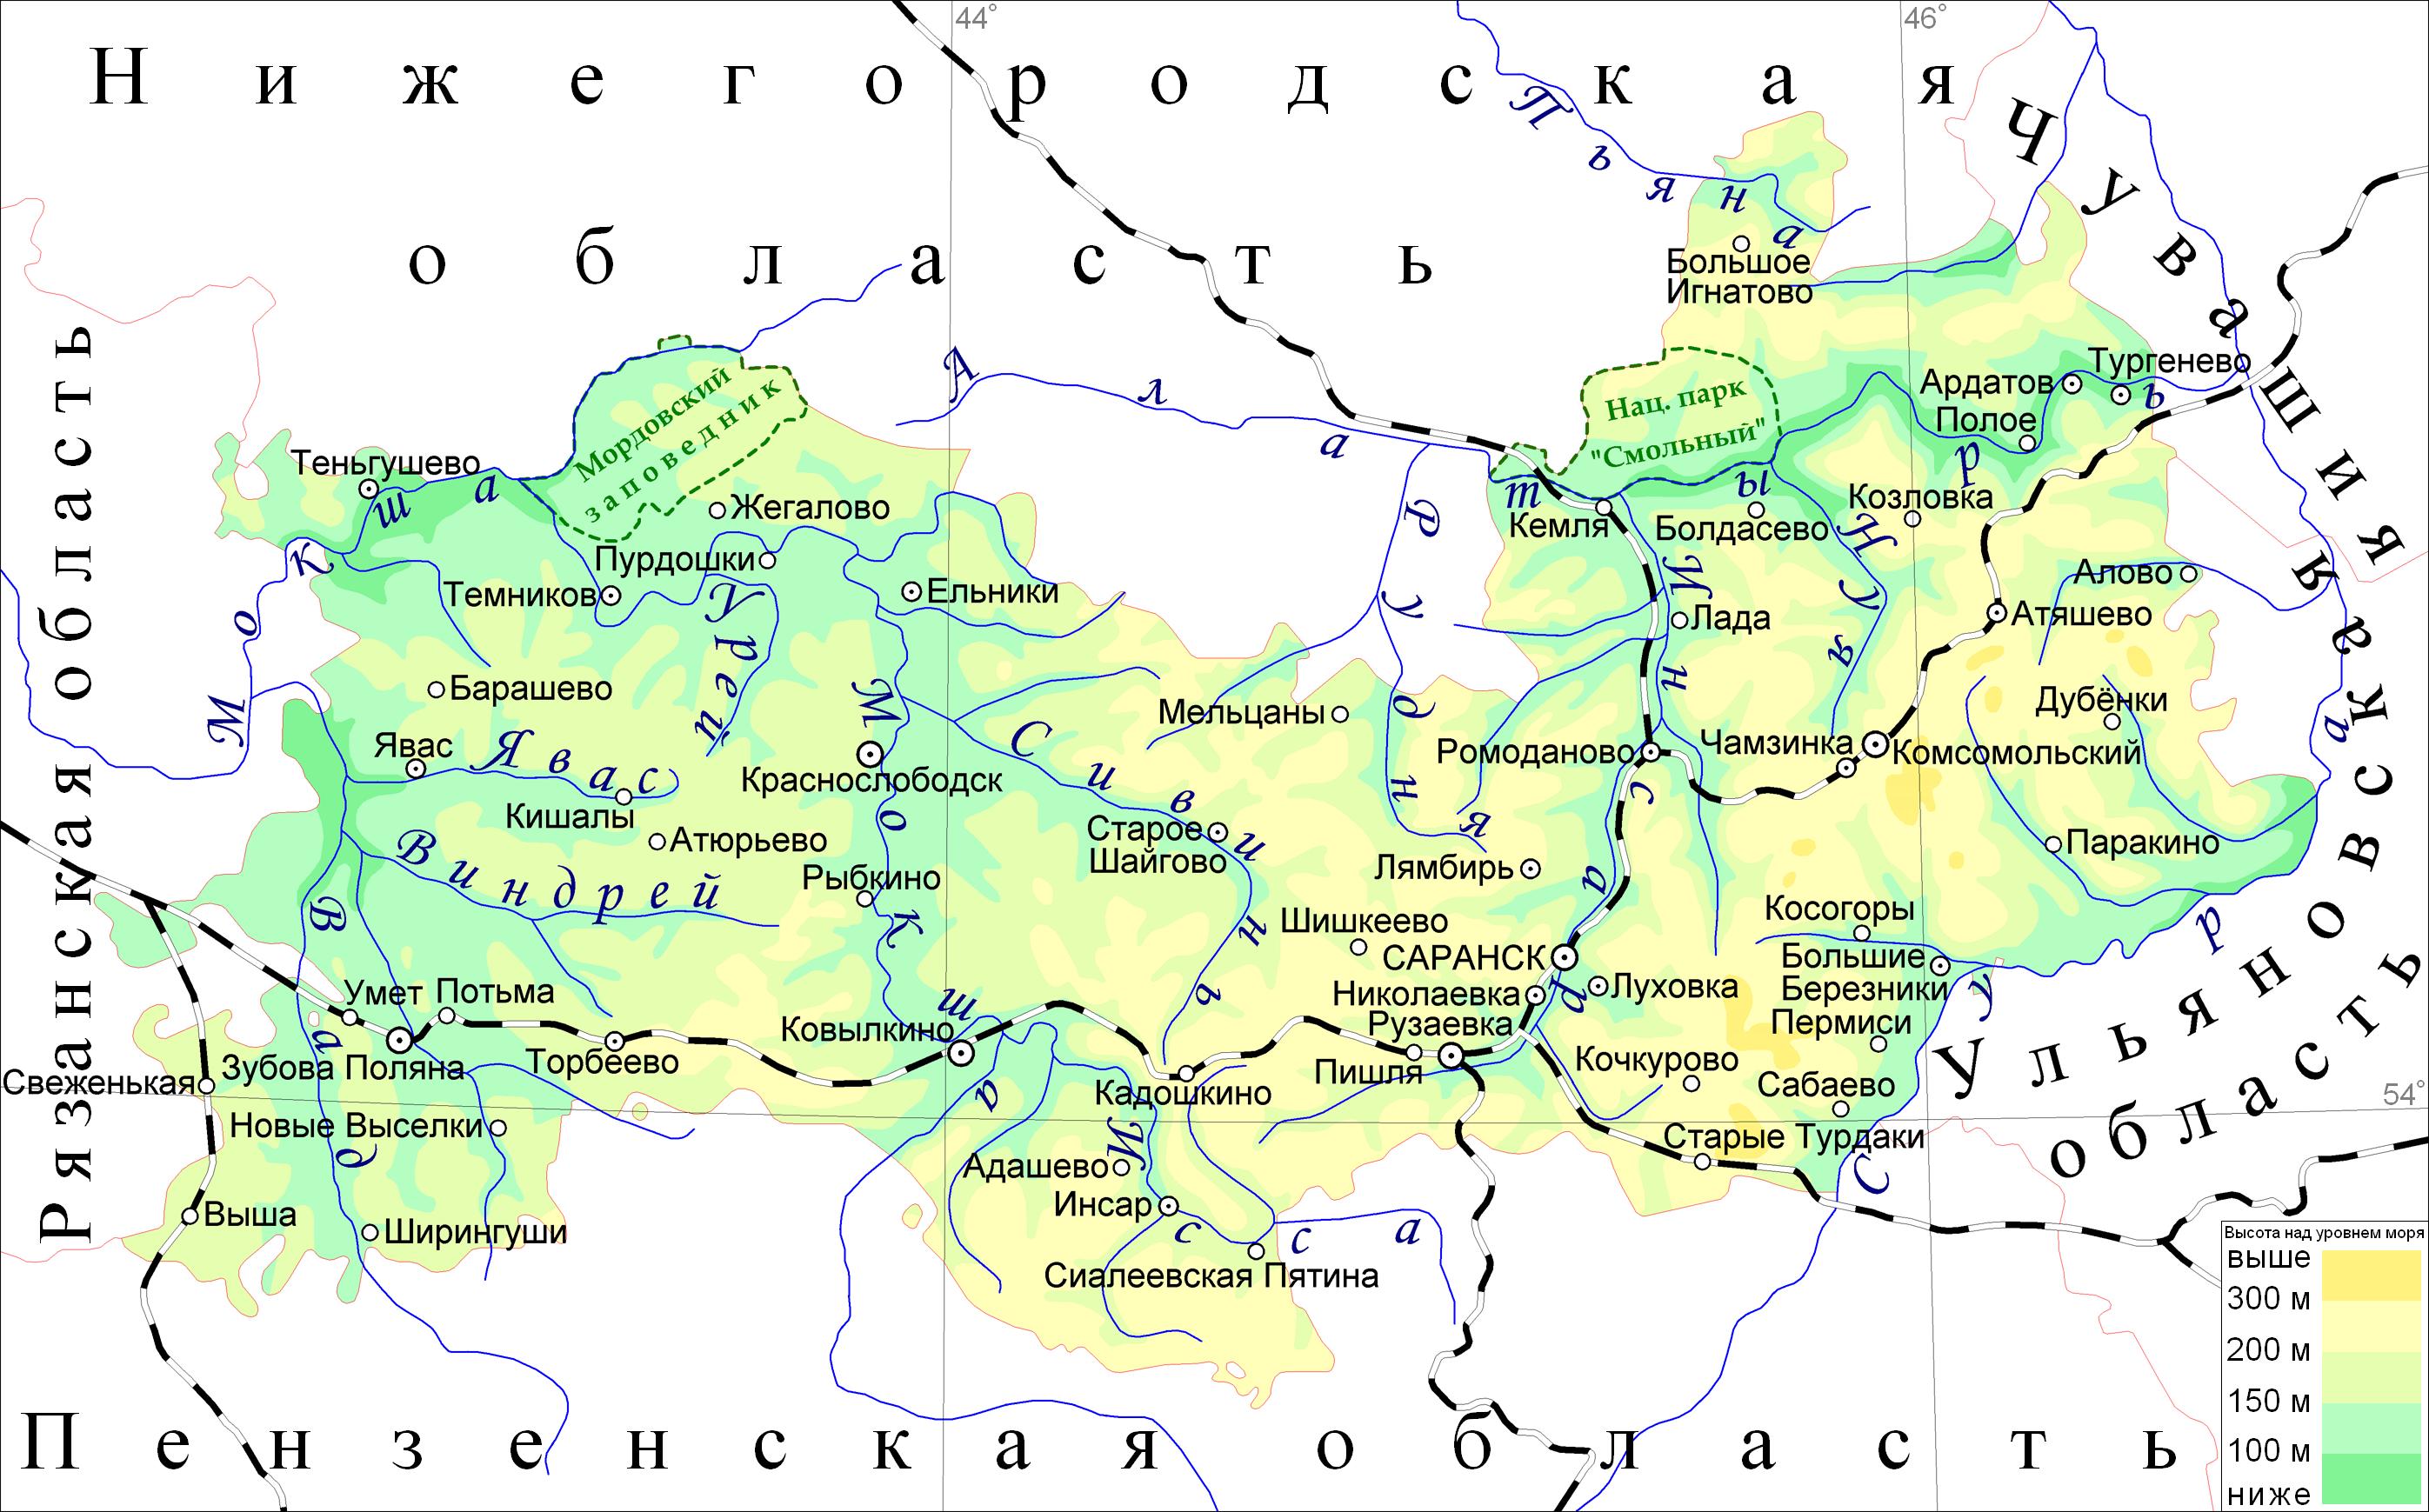 слышала, где находится саранск на карте россии предоставляет авторам возможность